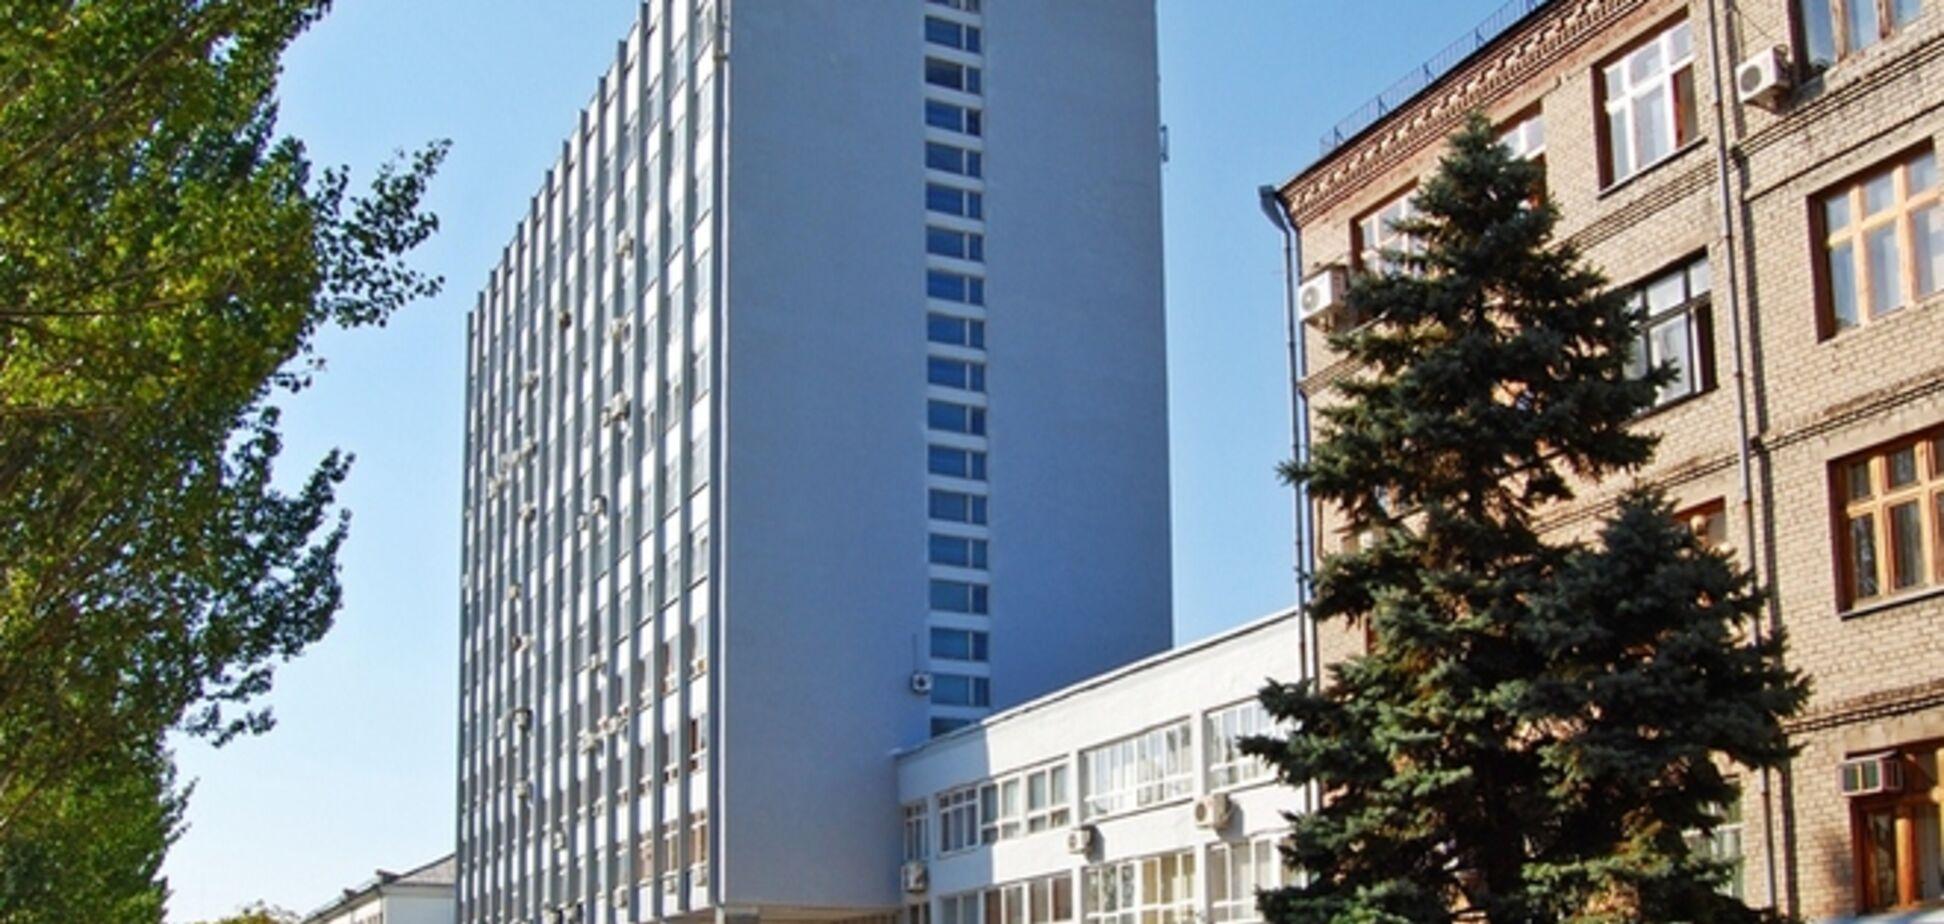 Донецкий национальный университет эвакуируют на подконтрольную Украине территорию